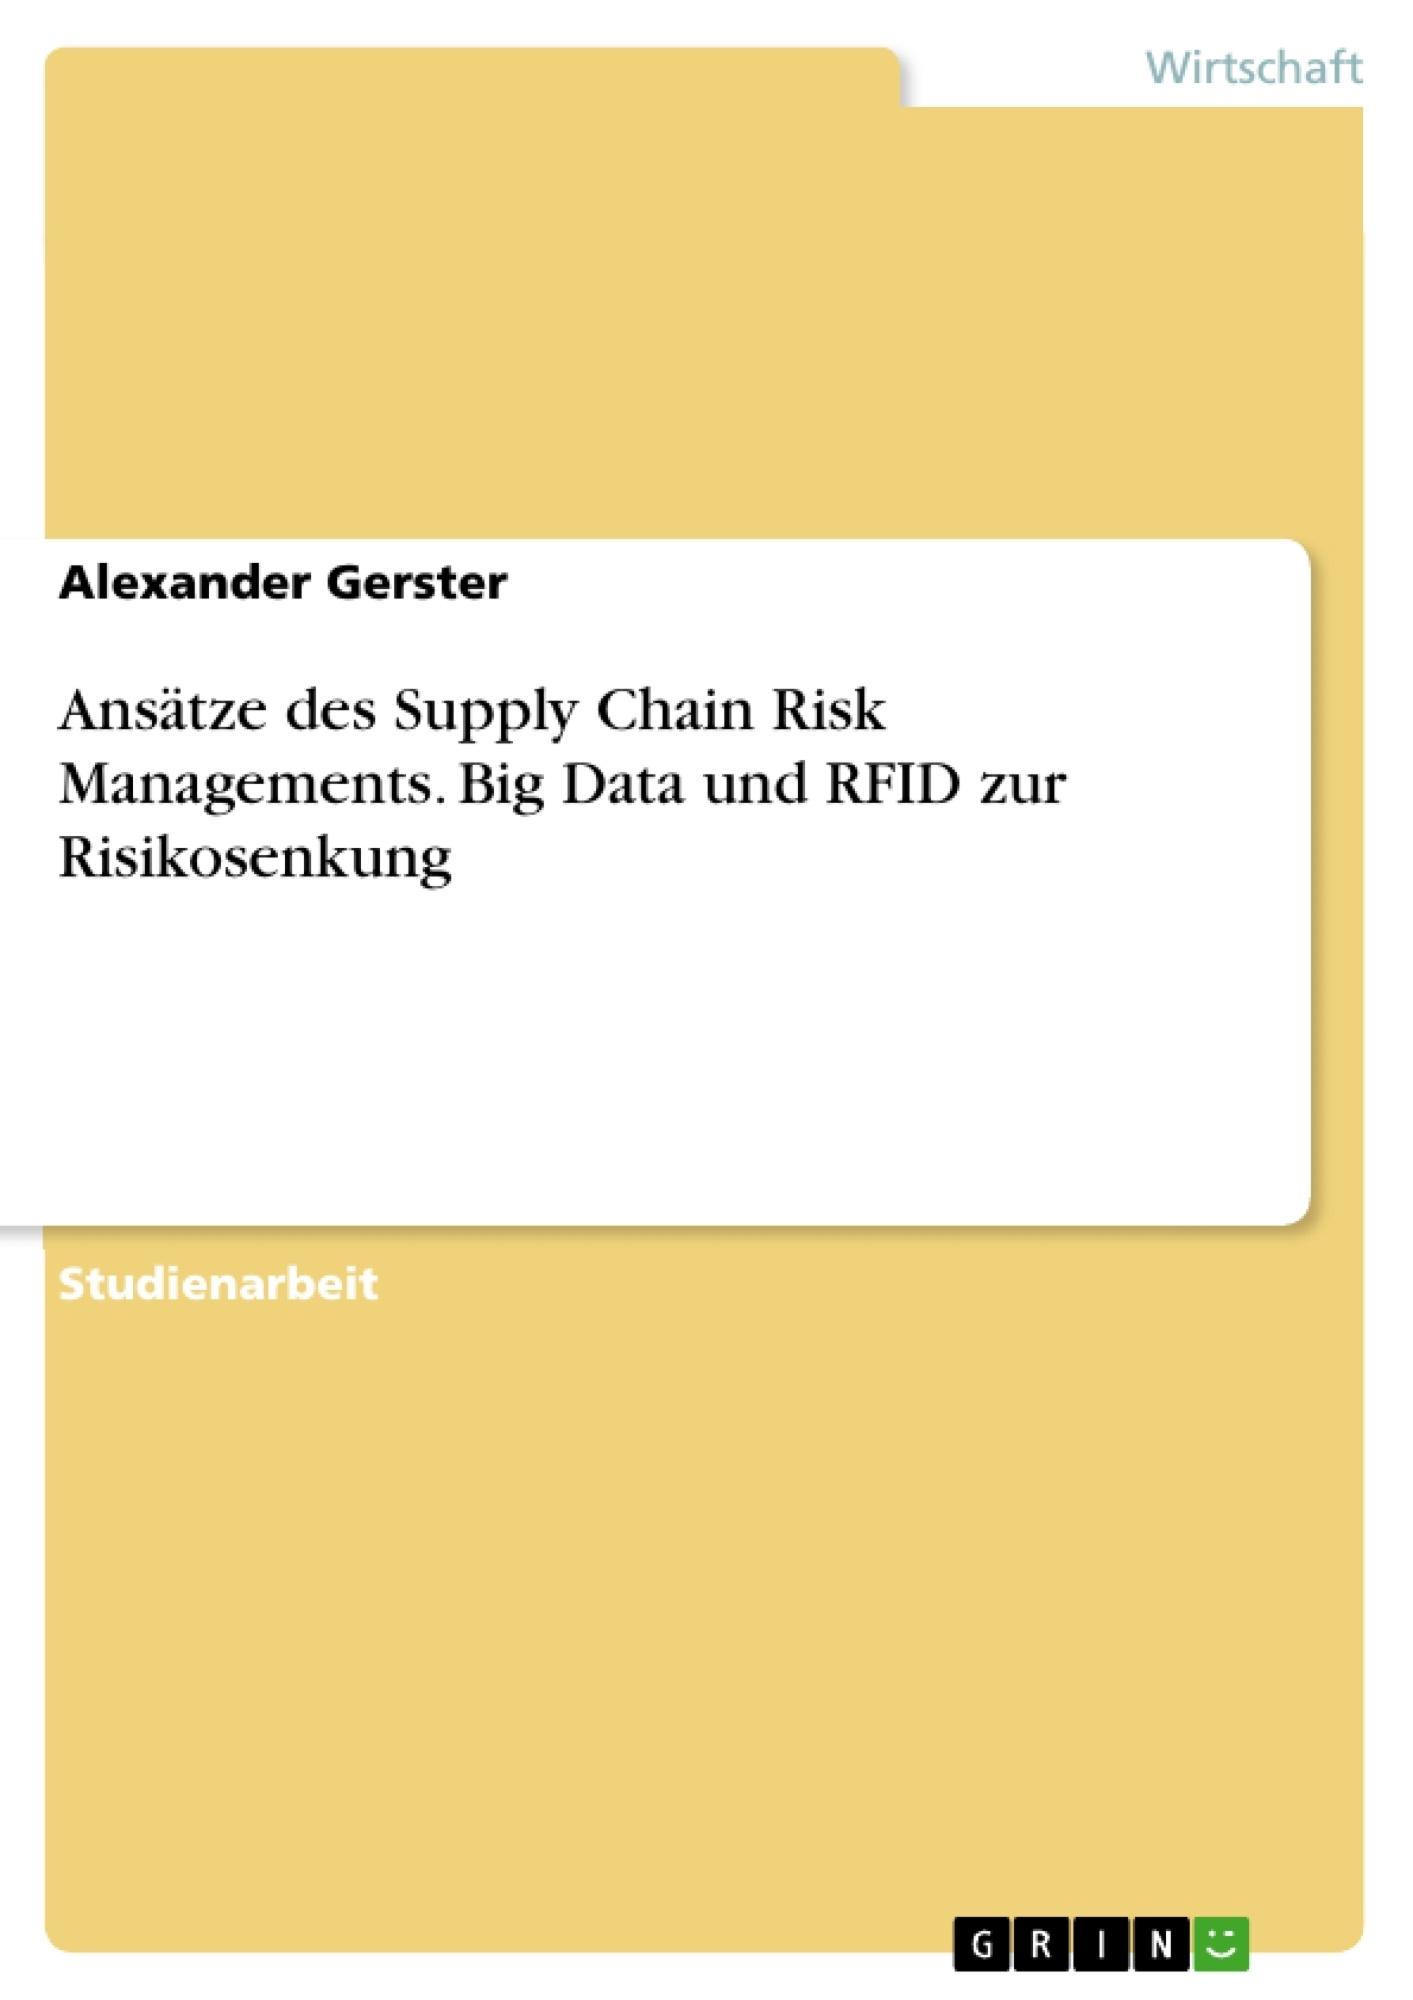 Titel: Ansätze des Supply Chain Risk Managements. Big Data und RFID zur Risikosenkung